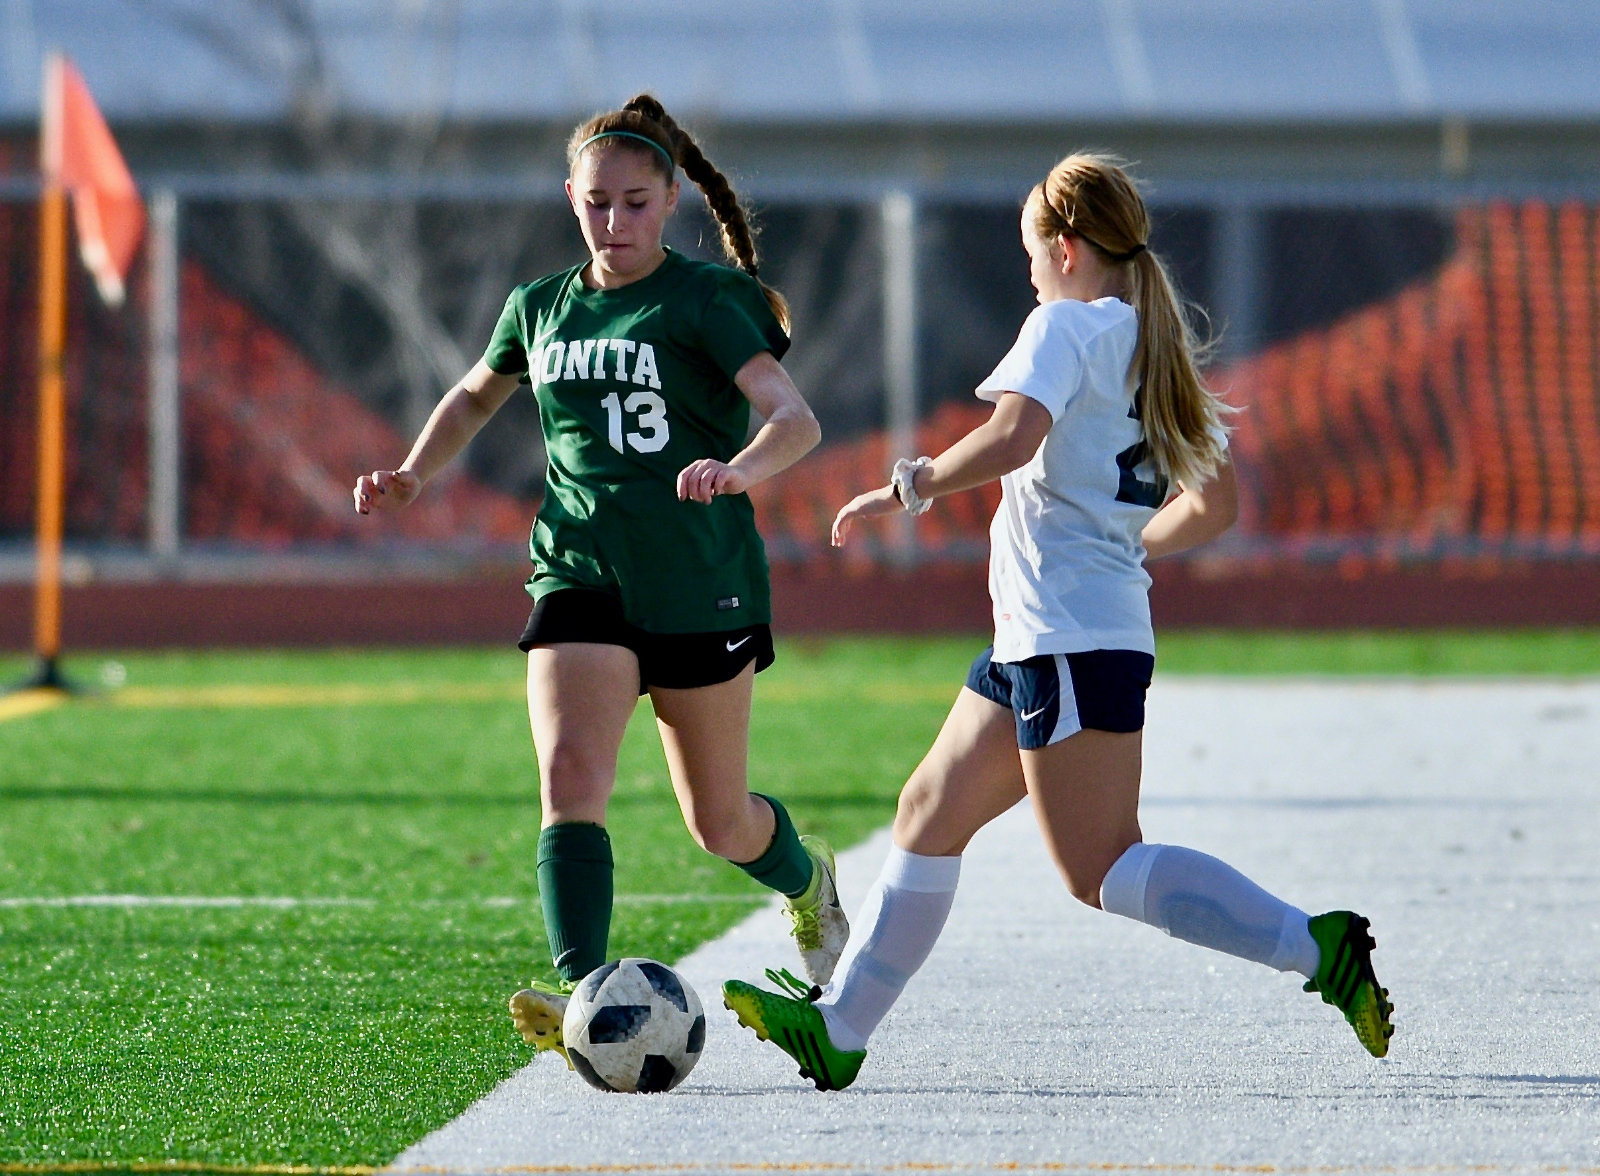 Girls Soccer Teams 2020-2021